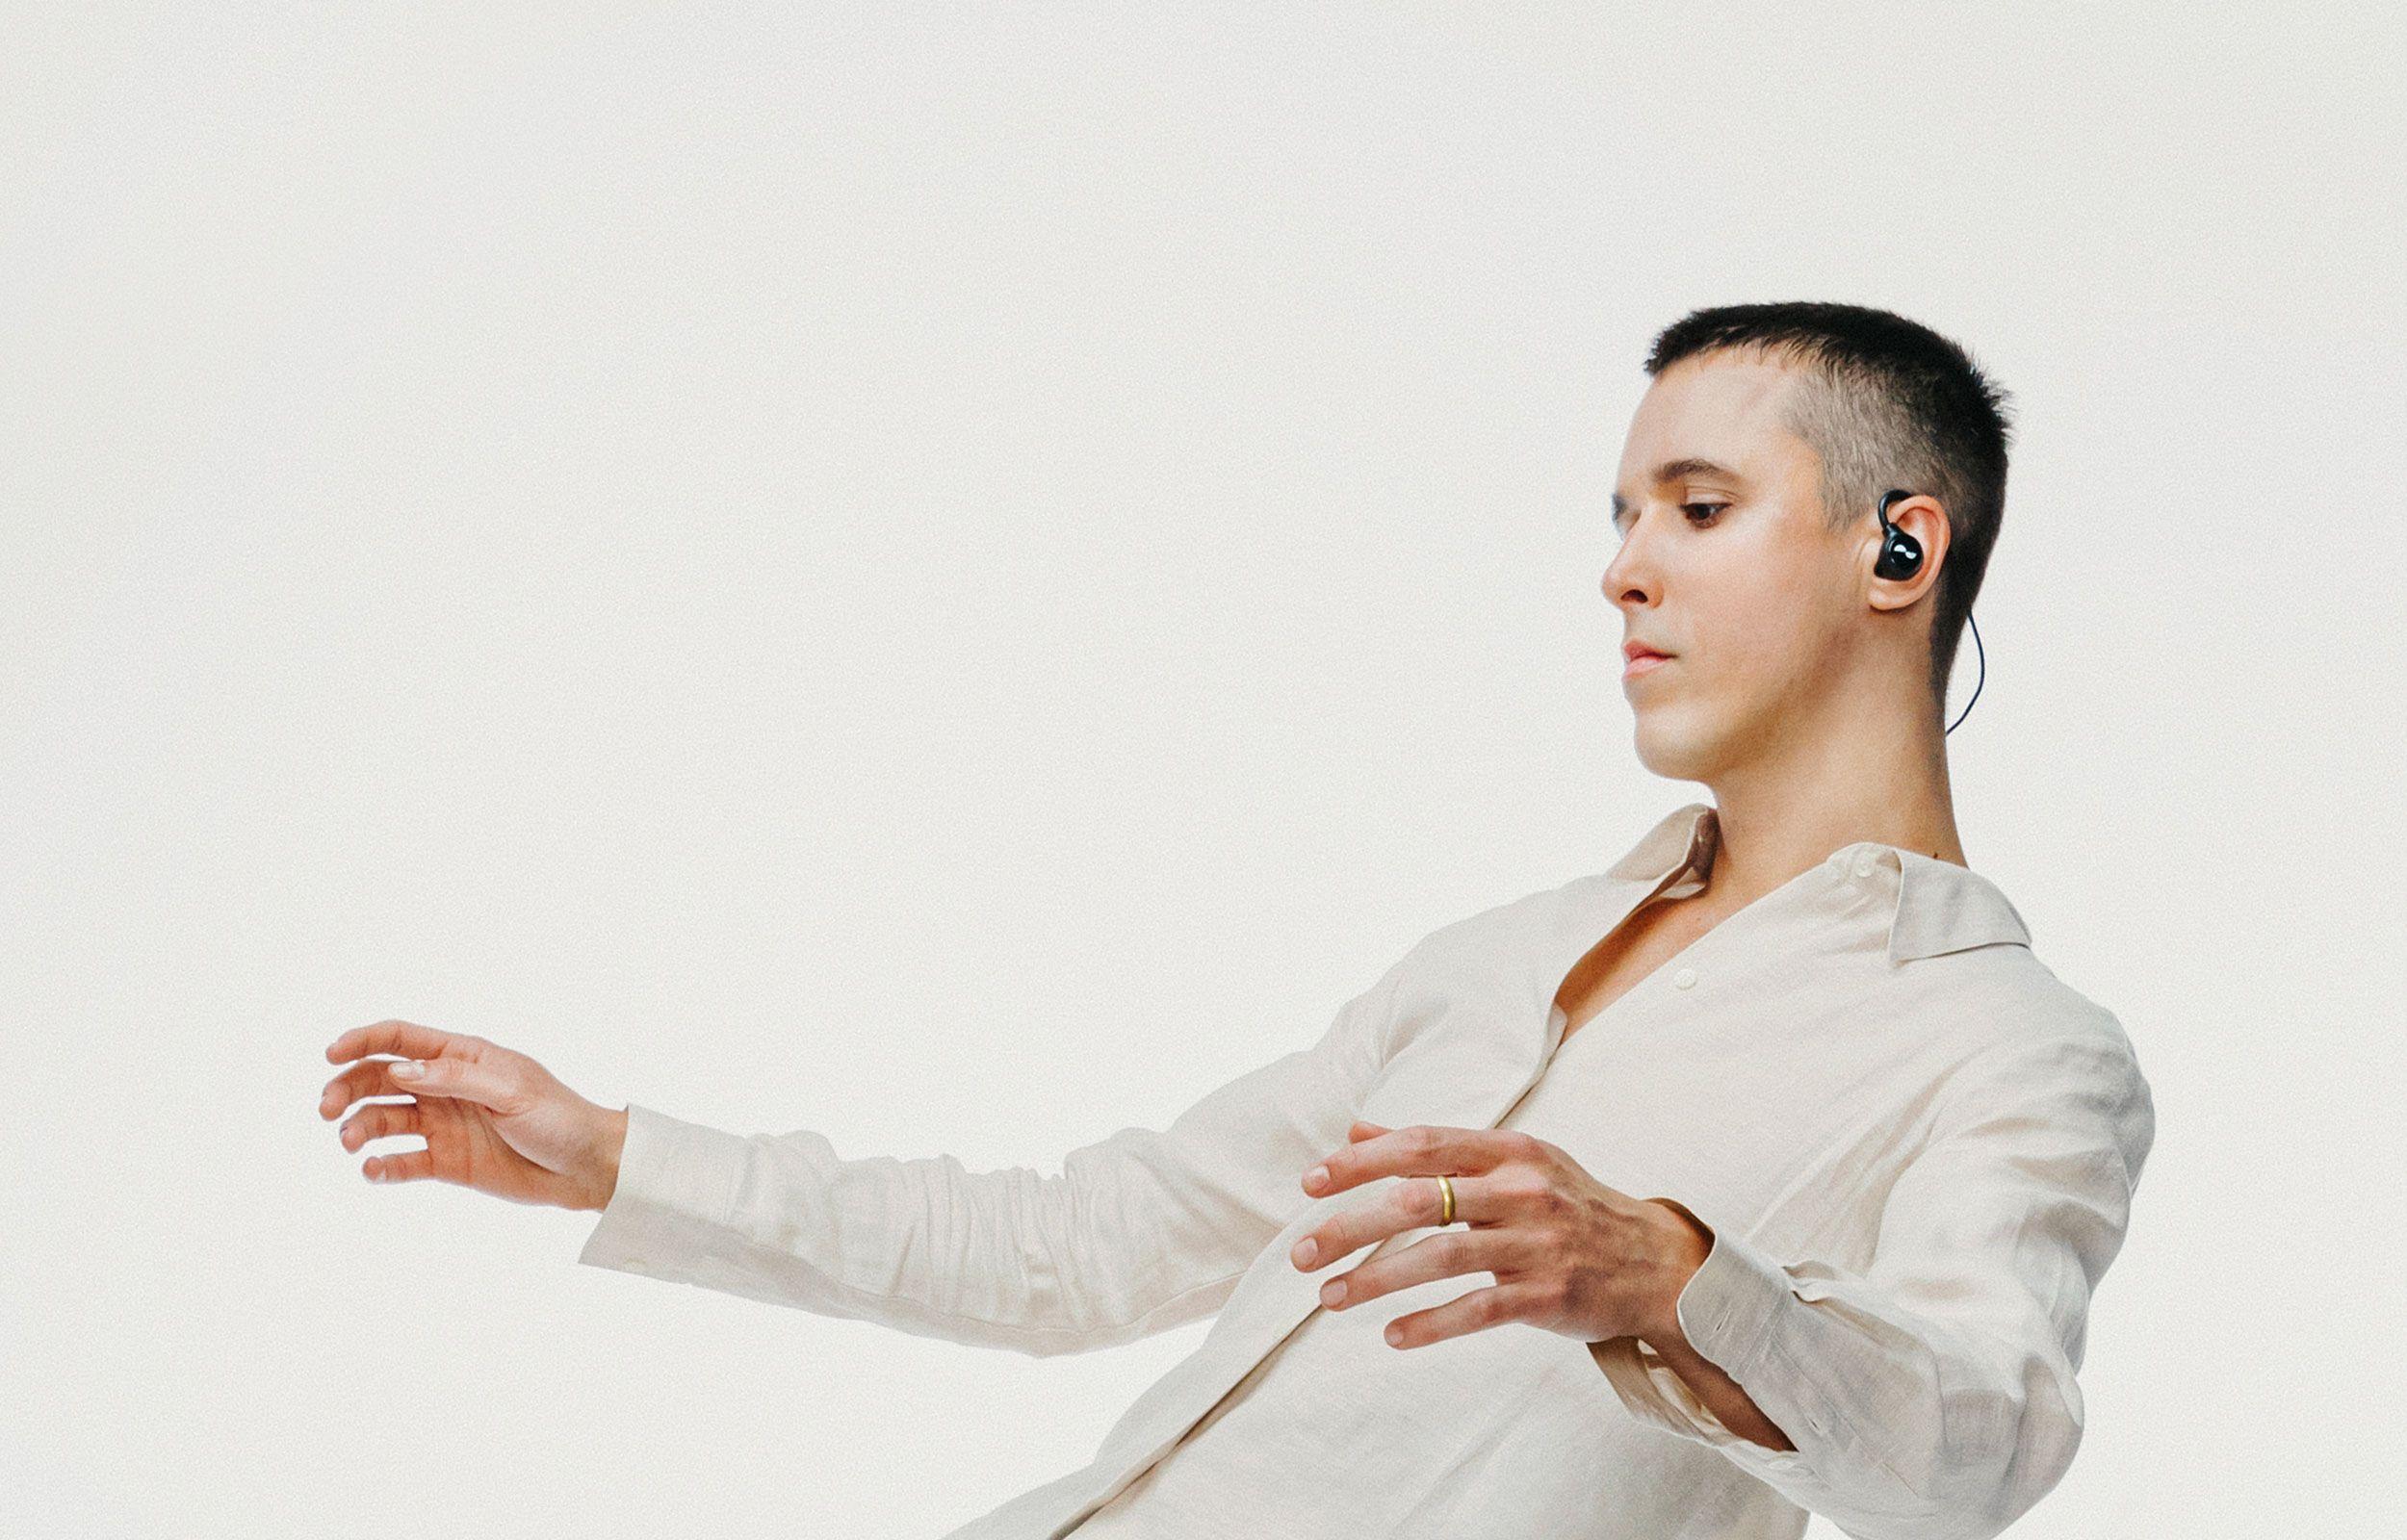 Person dancing with NURALOOP earbuds in ears